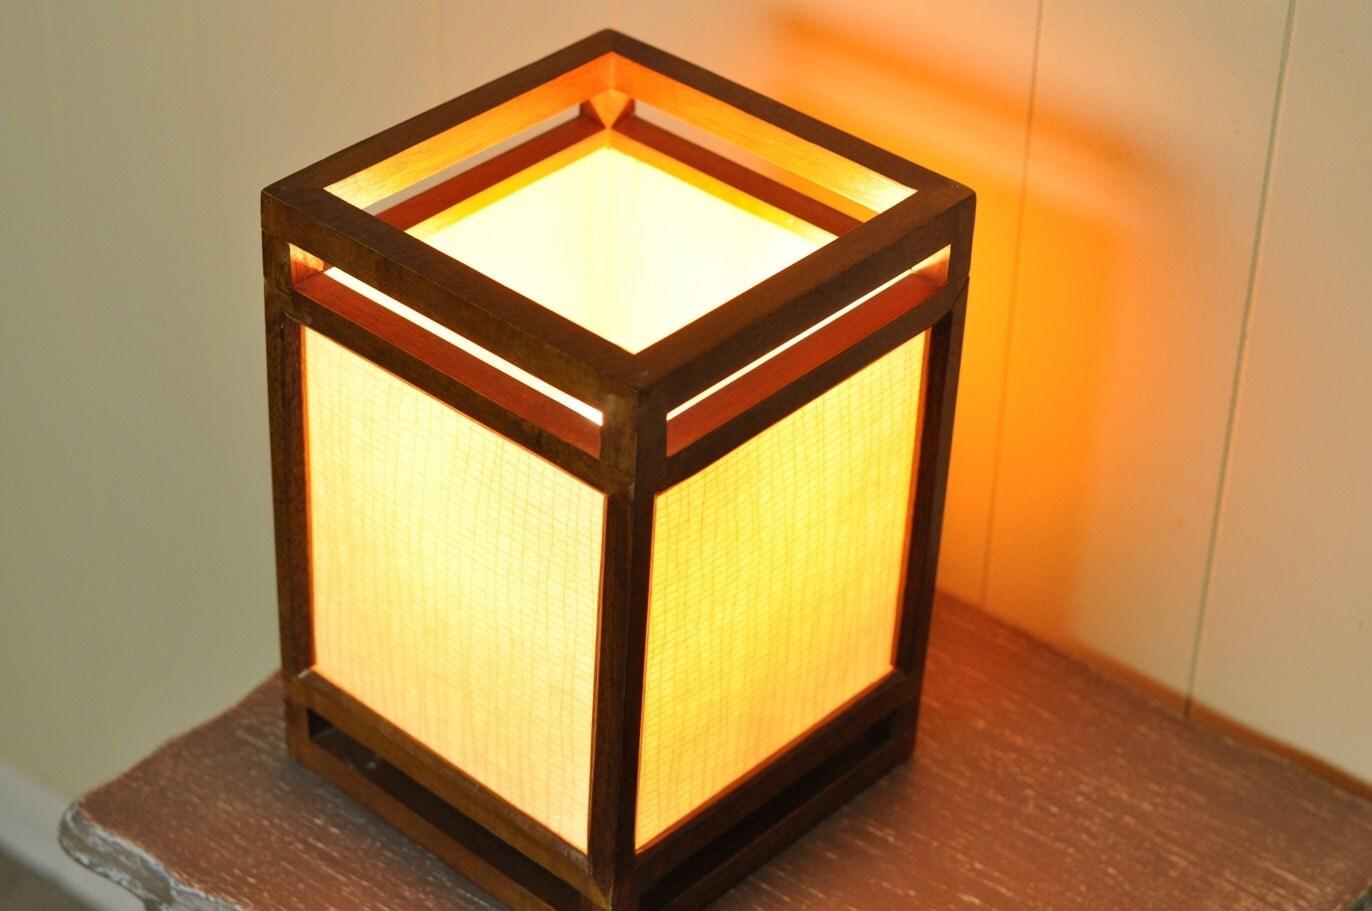 japanese style lighting. 100 Ideas Japanese Style Lighting On Omdom I